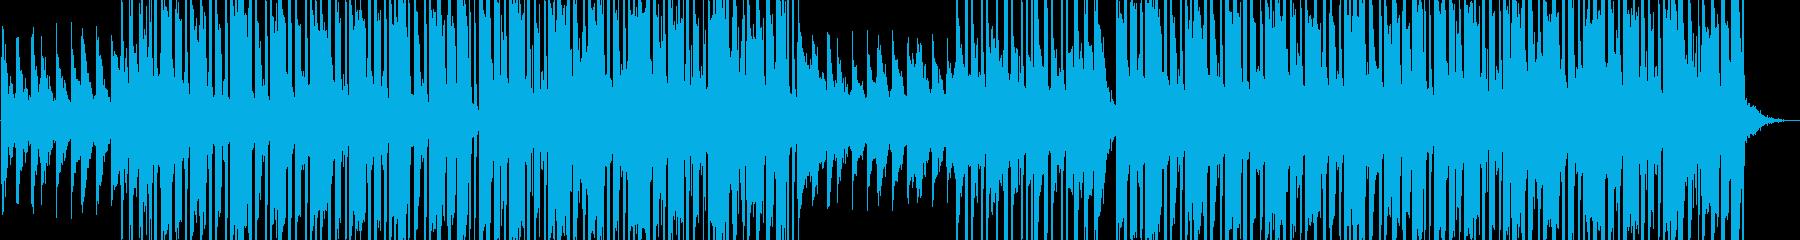 スタイリッシュなヒップホップの背景の再生済みの波形